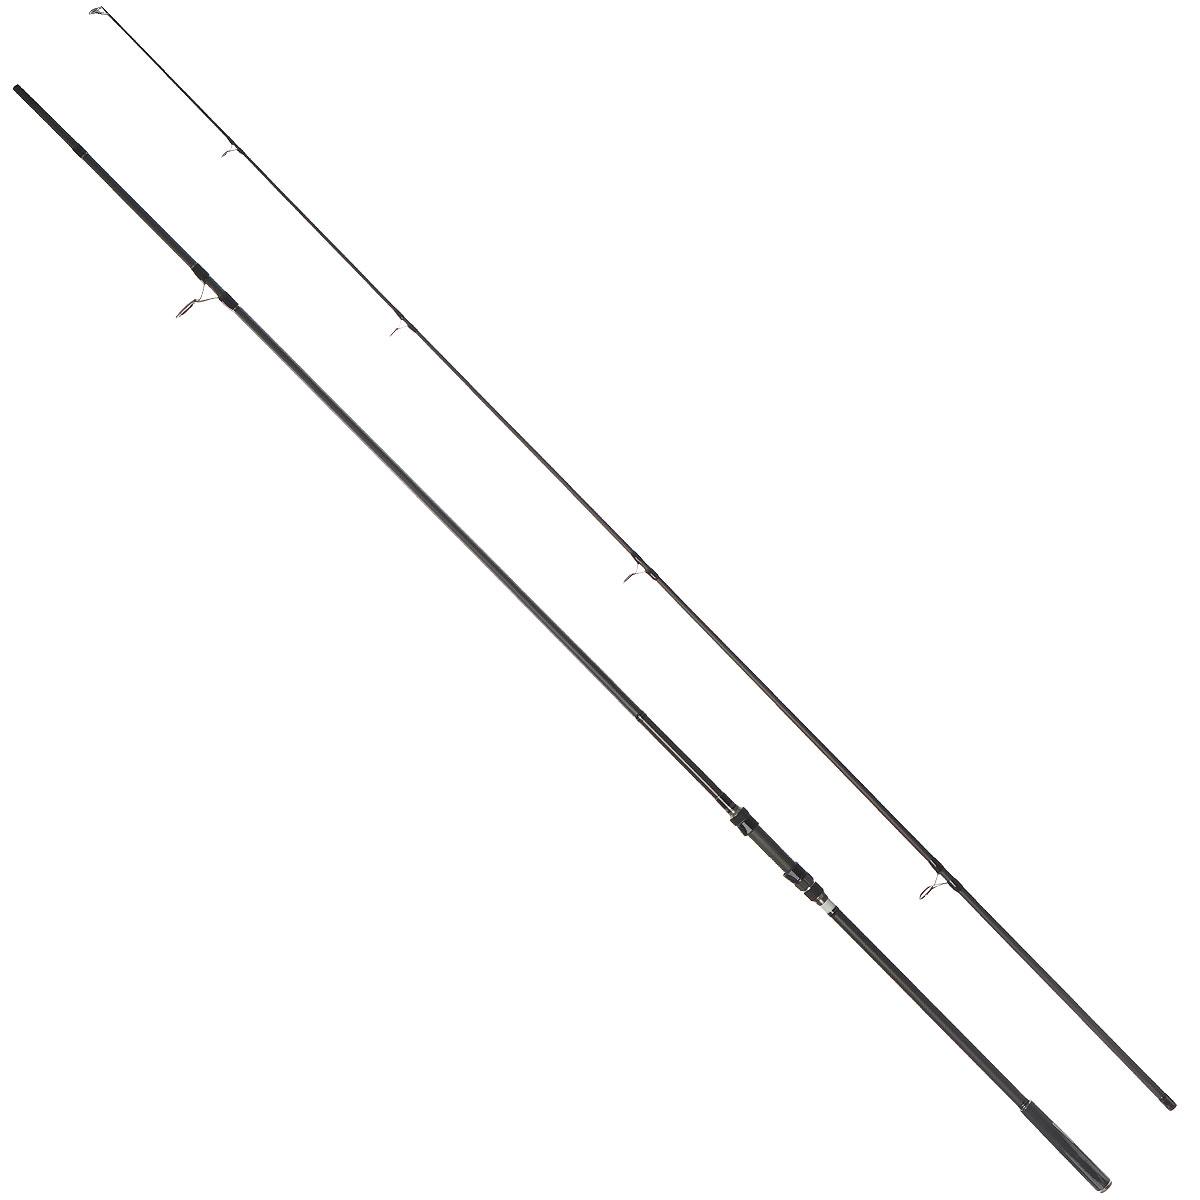 Удилище карповое Daiwa Windcast Carp, 3,9 м, 3,5 lbsPGPS7797CIS08GBNVDaiwa Windcast Carp - это высококлассное карповое удилище с феноменальными рабочими характеристиками.Особенности удилища:Бланки из высокомодульного графита обеспечивают высокую чувствительность и мощность. Армирующая графитовая оплетка по всей длине. Надежный катушкодержатель от FujiПропускные кольца со вставками Sic. Флуоресцентная полоска с подсветкой специально для ночной ловли.Поставляется в чехле для переноски и хранения.Тест: 3,5 lbs.